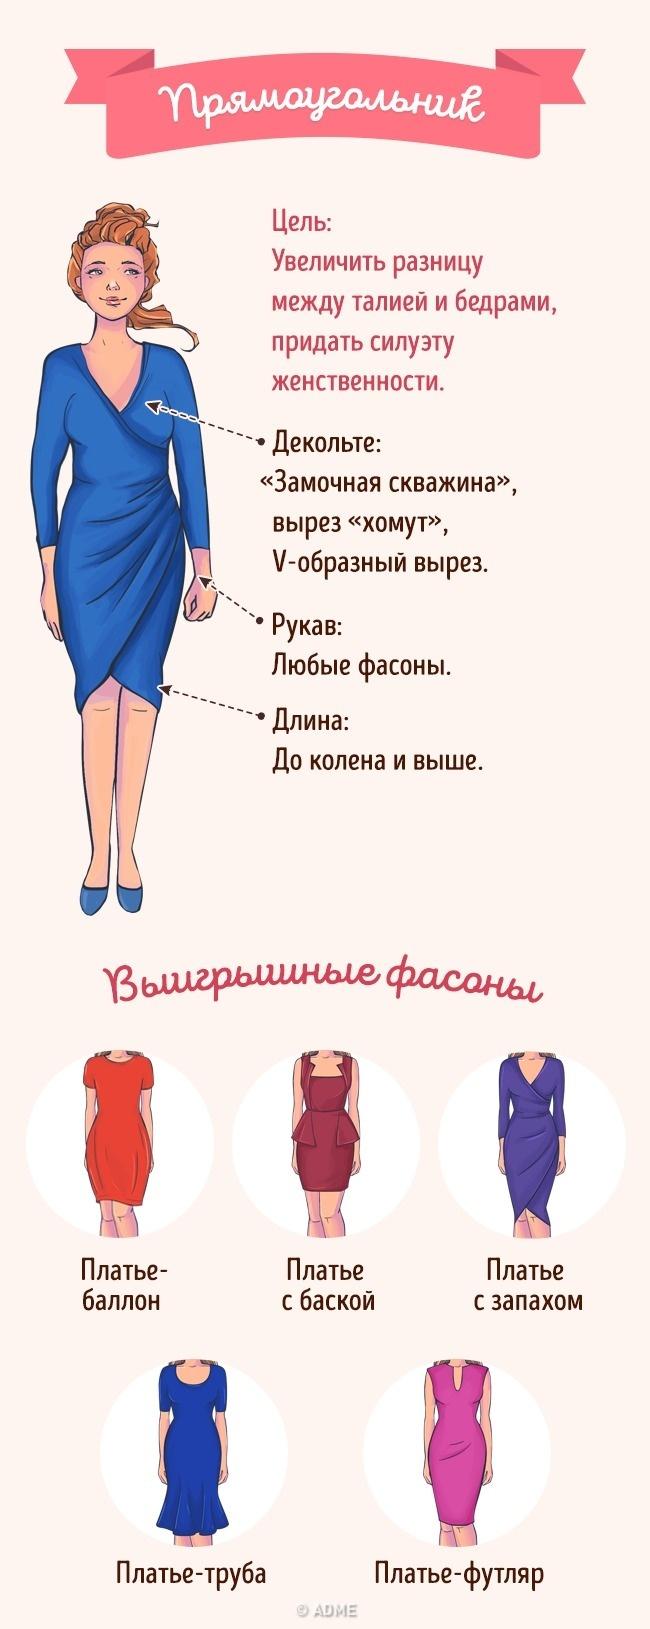 Какой фасон платья подходит фигуре яблоко